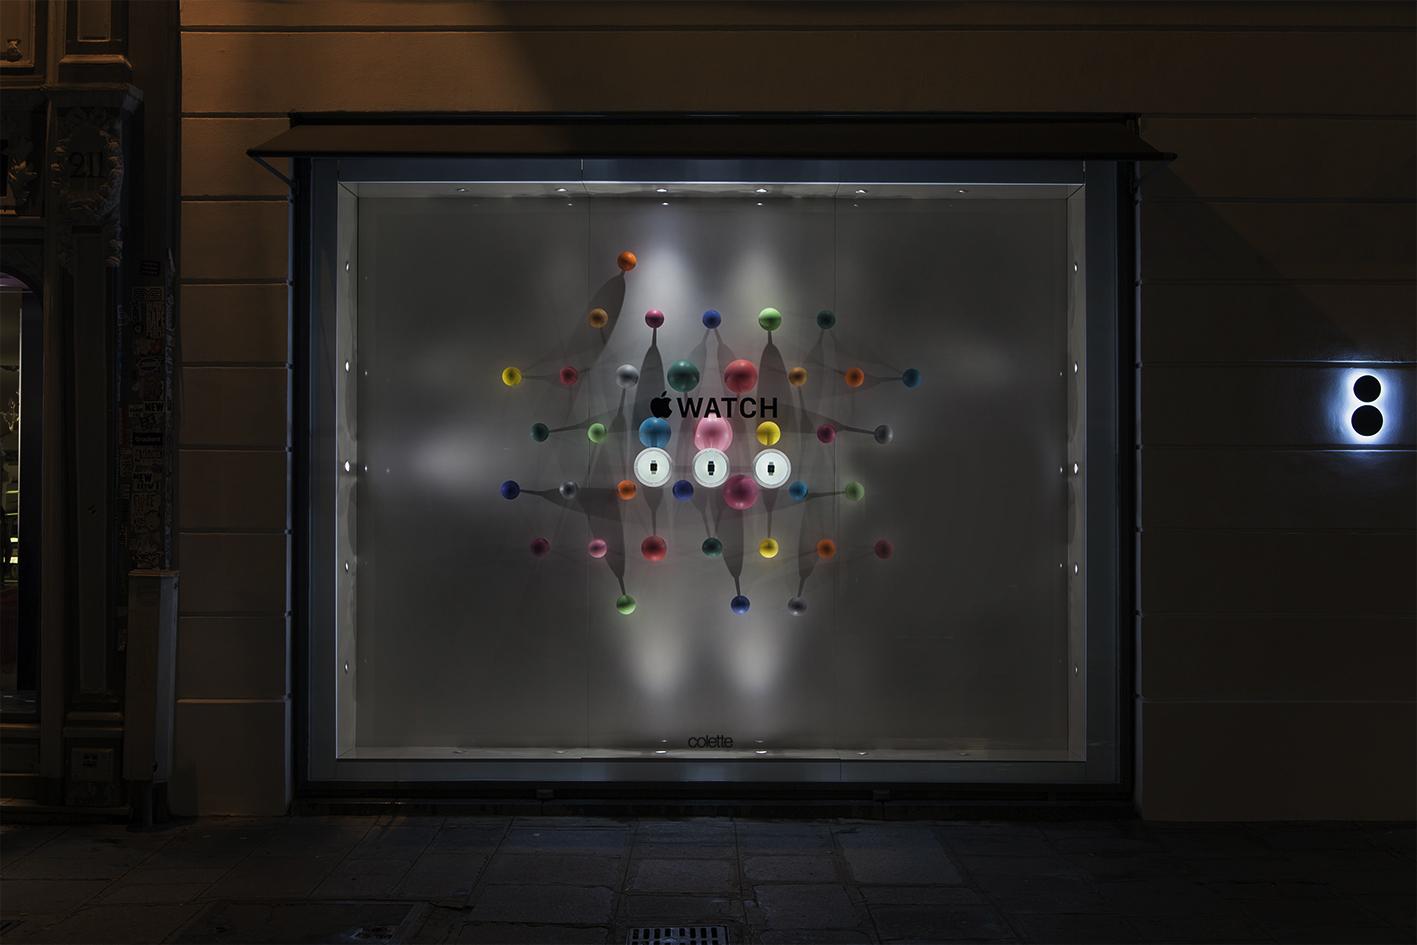 Apple Watch on display in Paris